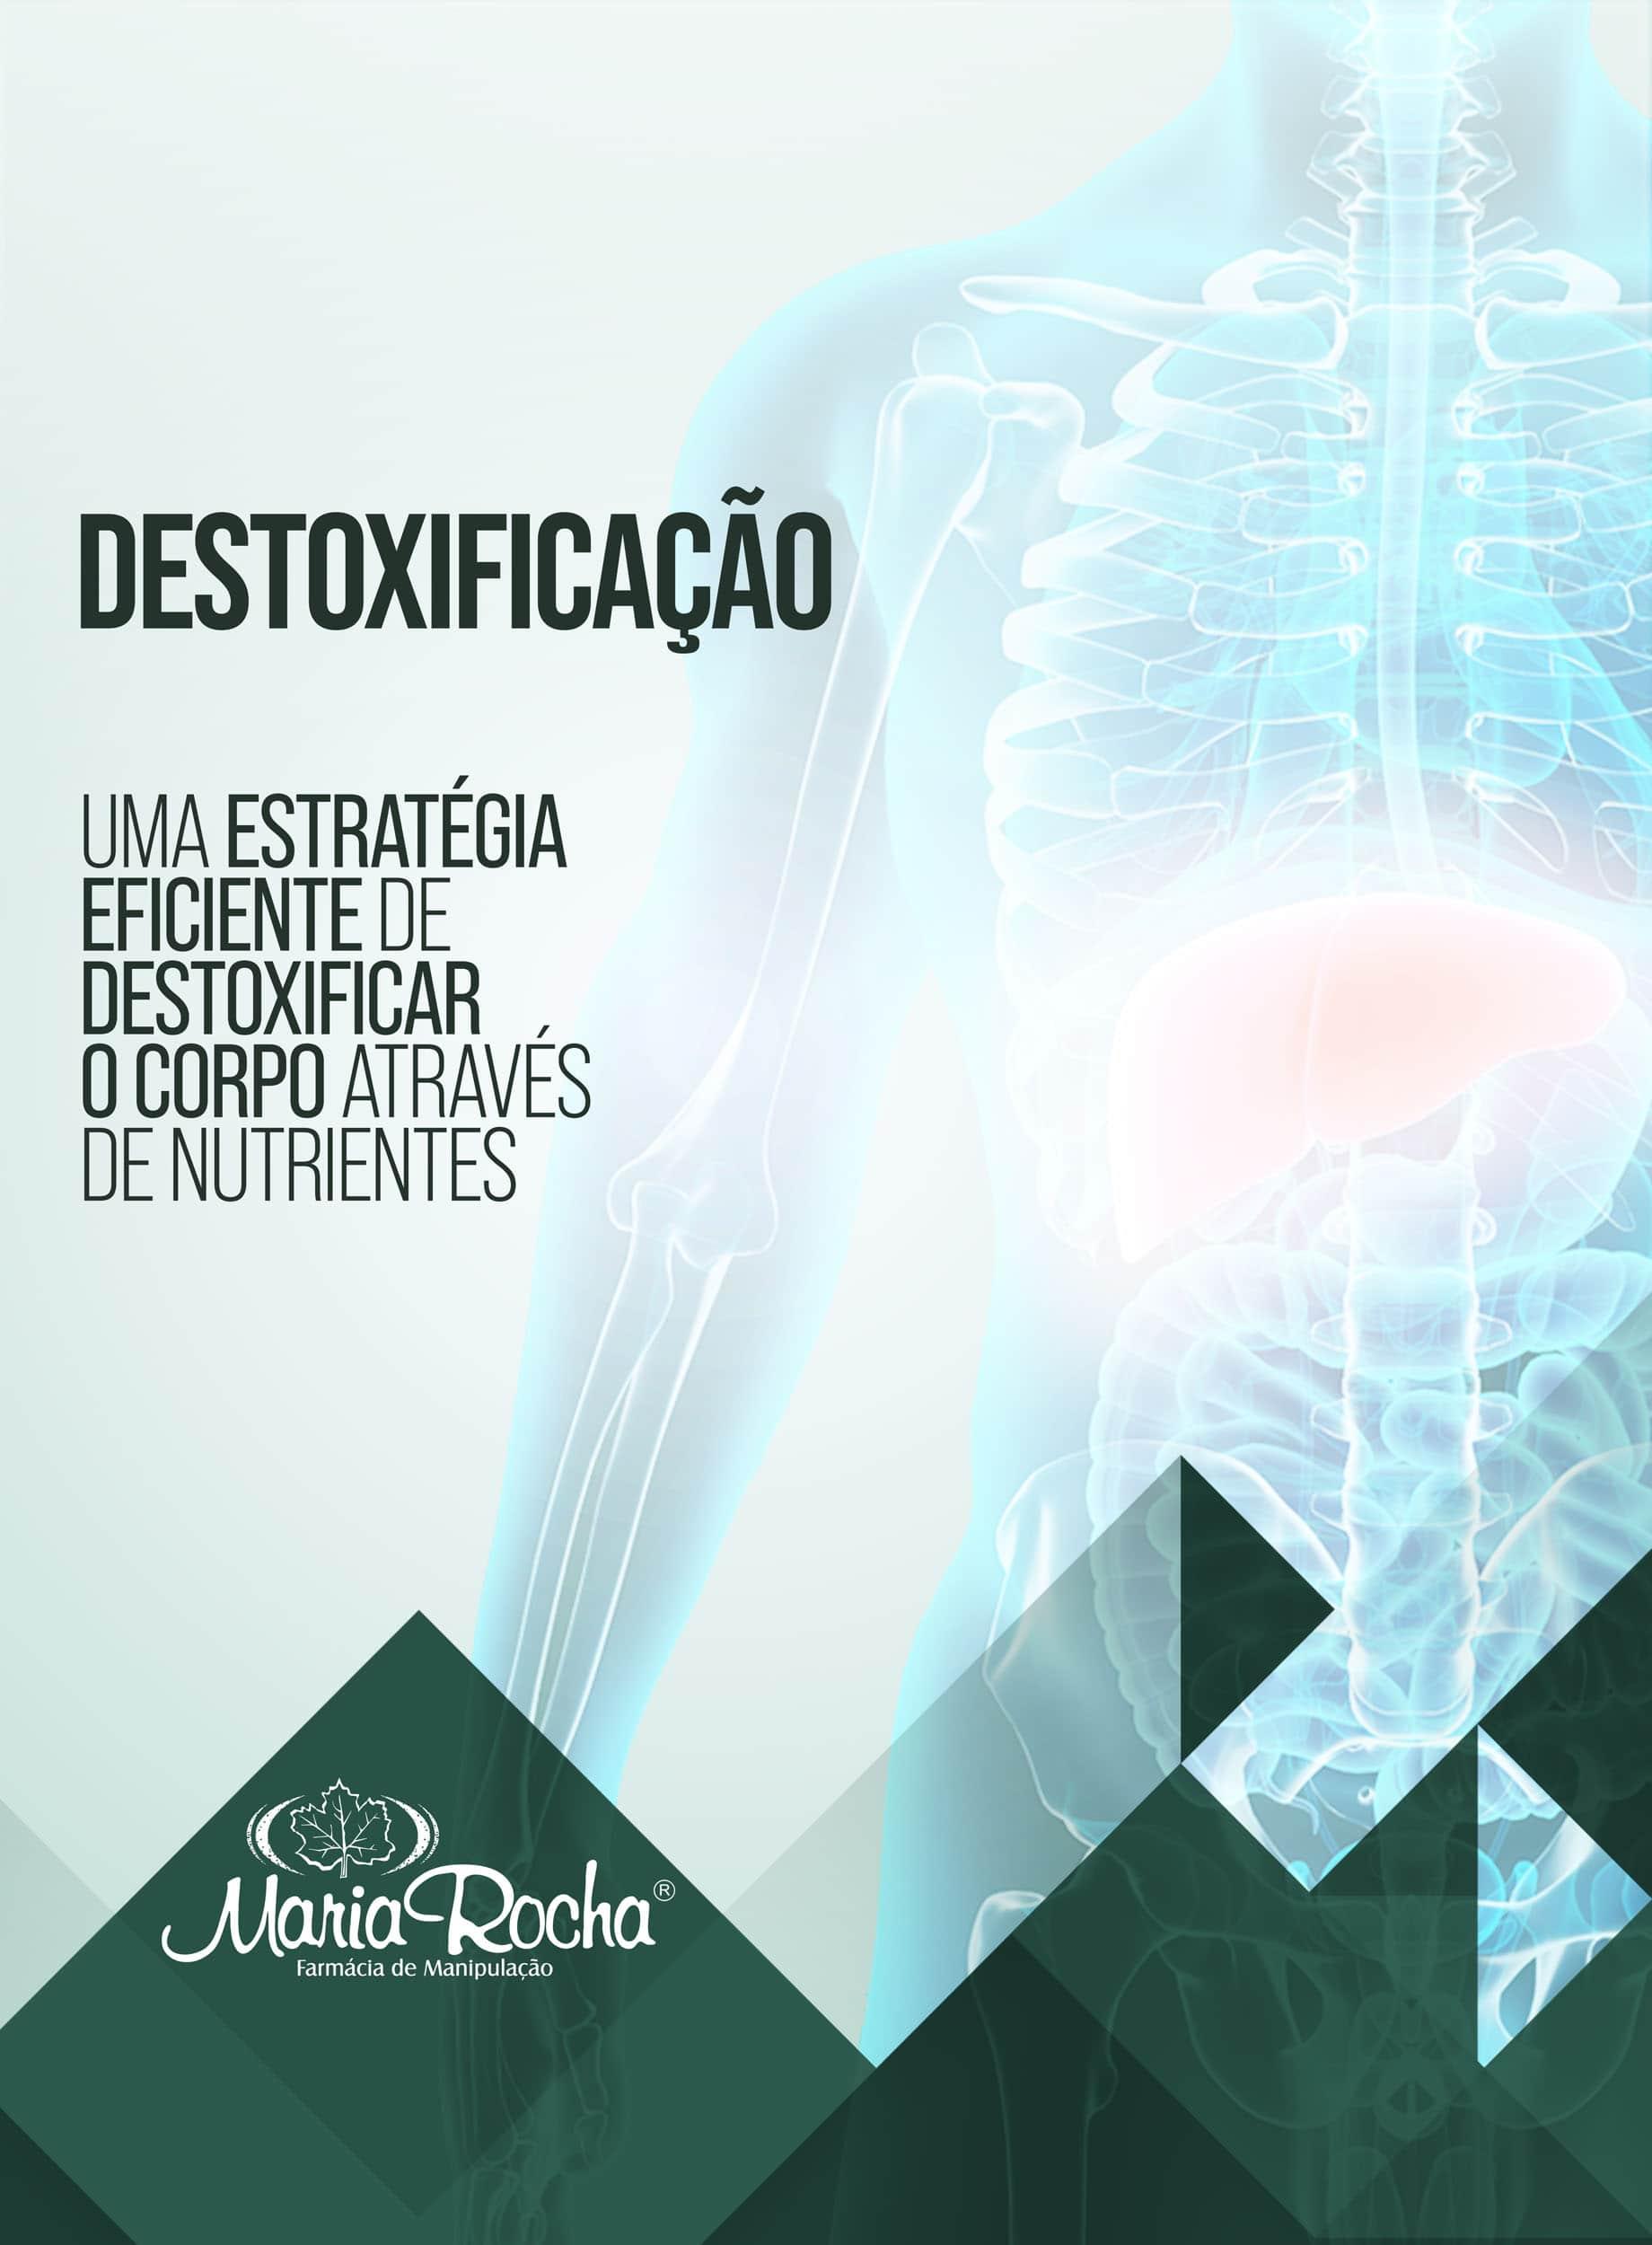 DESTOXIFICAÇÃO